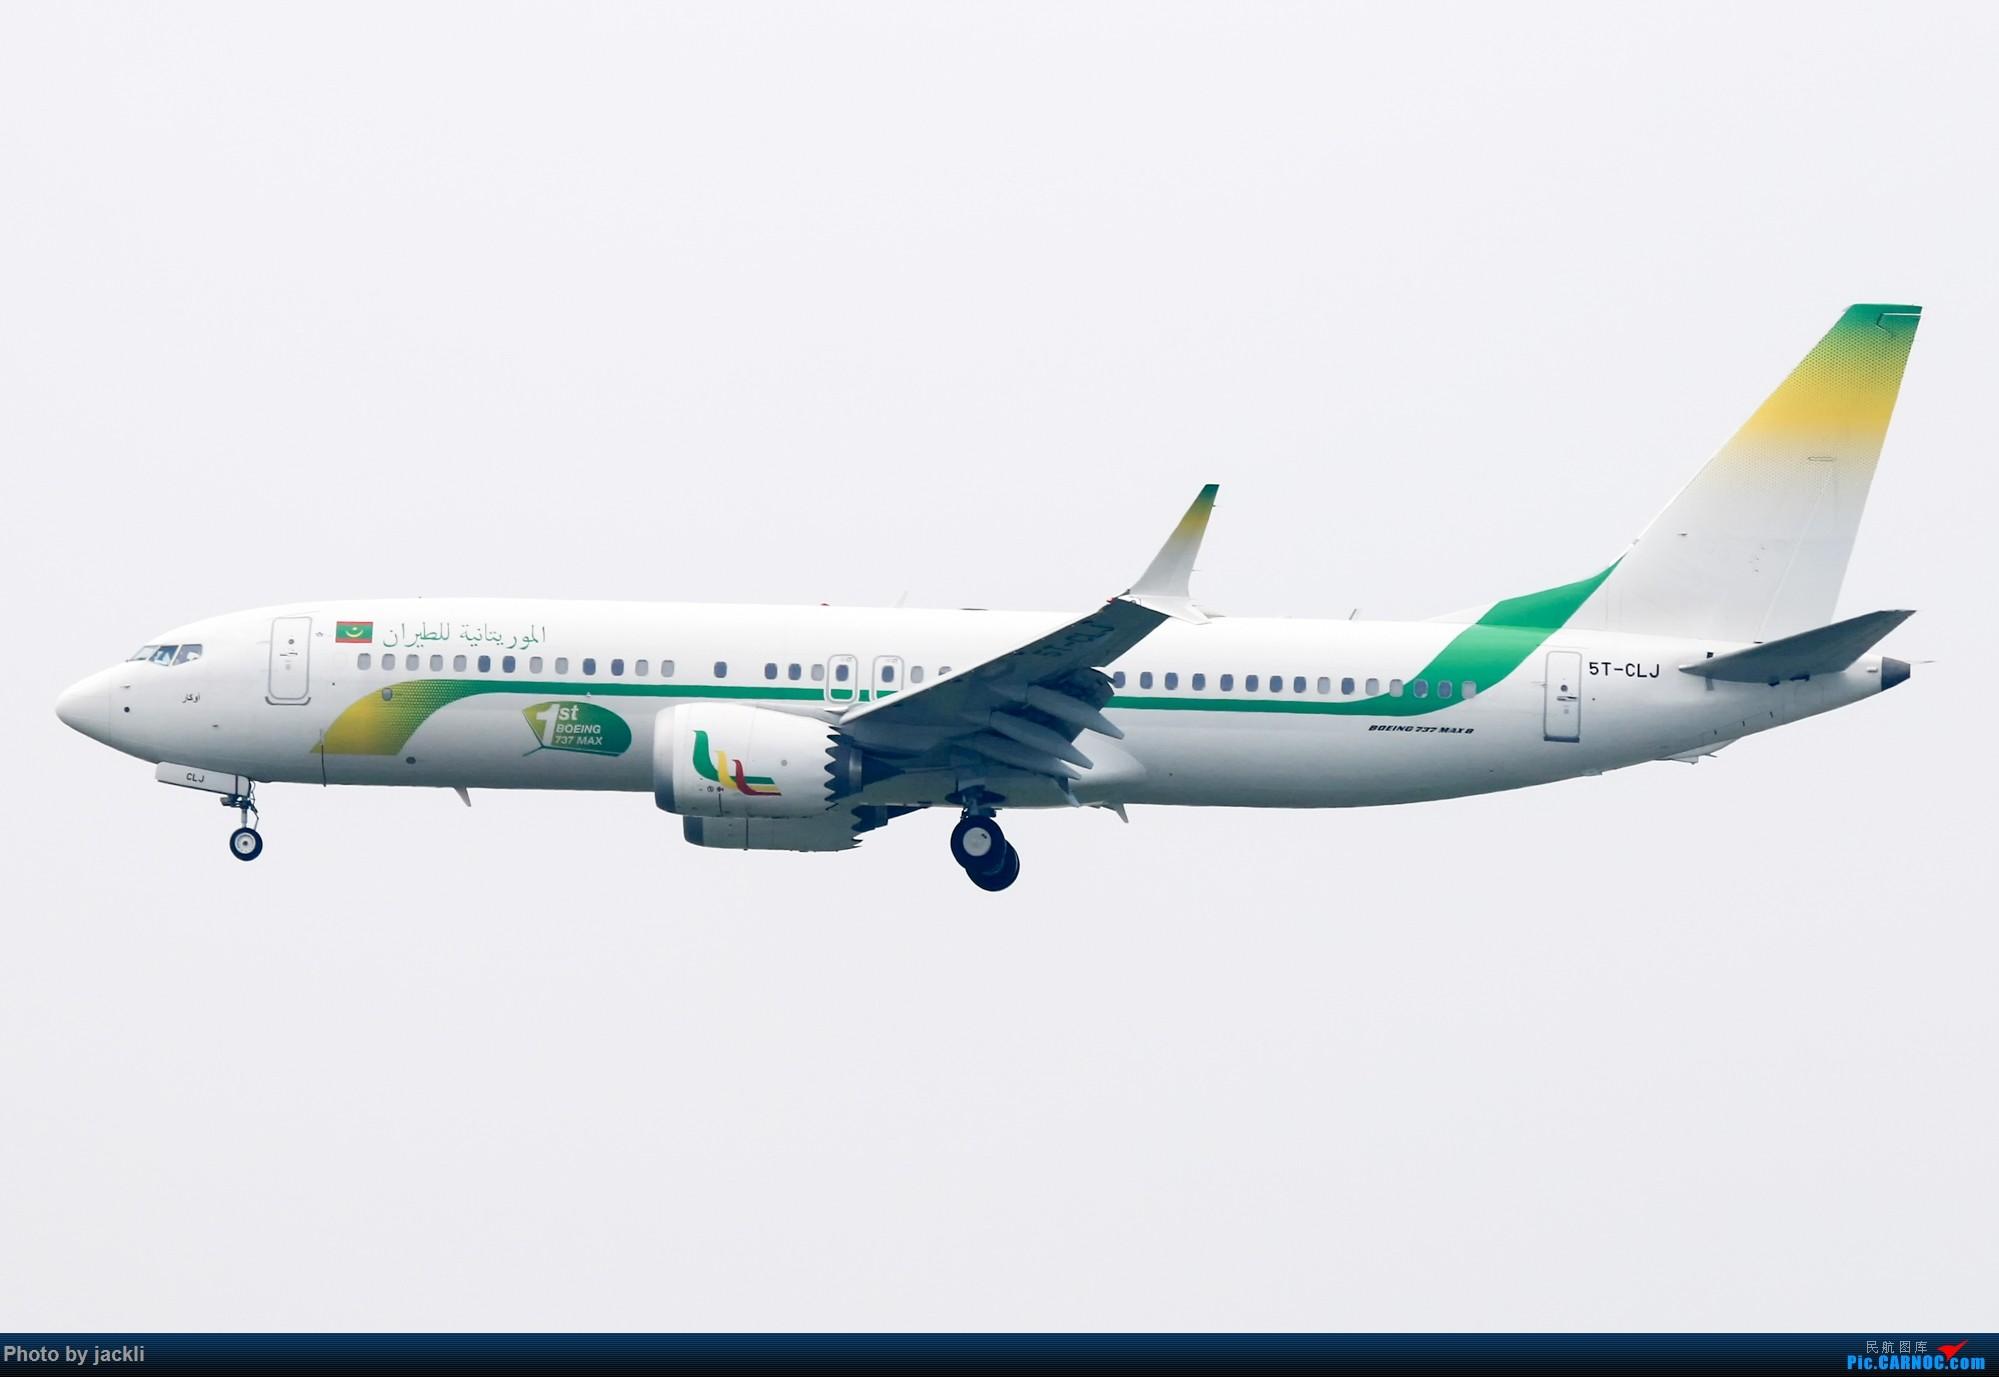 Re:[原创]【JackLi拍机+游记】北京首都机场拍机+参观民航博物馆+首次体验国航A350~ BOEING 737MAX-8 5T-CLJ 中国北京首都国际机场